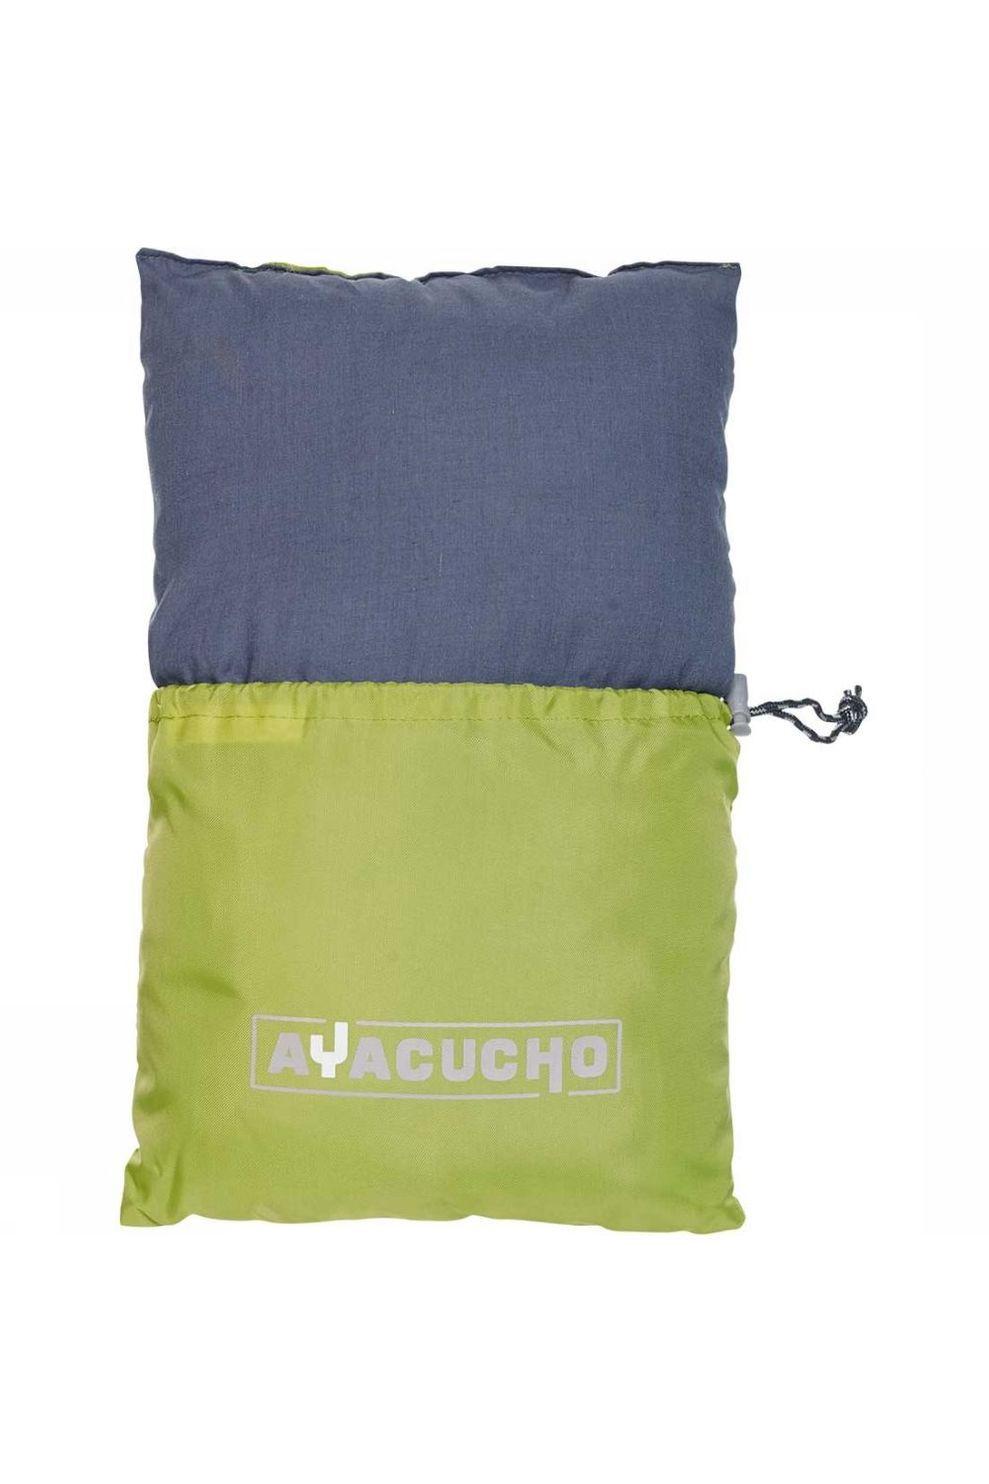 Ayacucho Kussen Travel Pillow - Groen